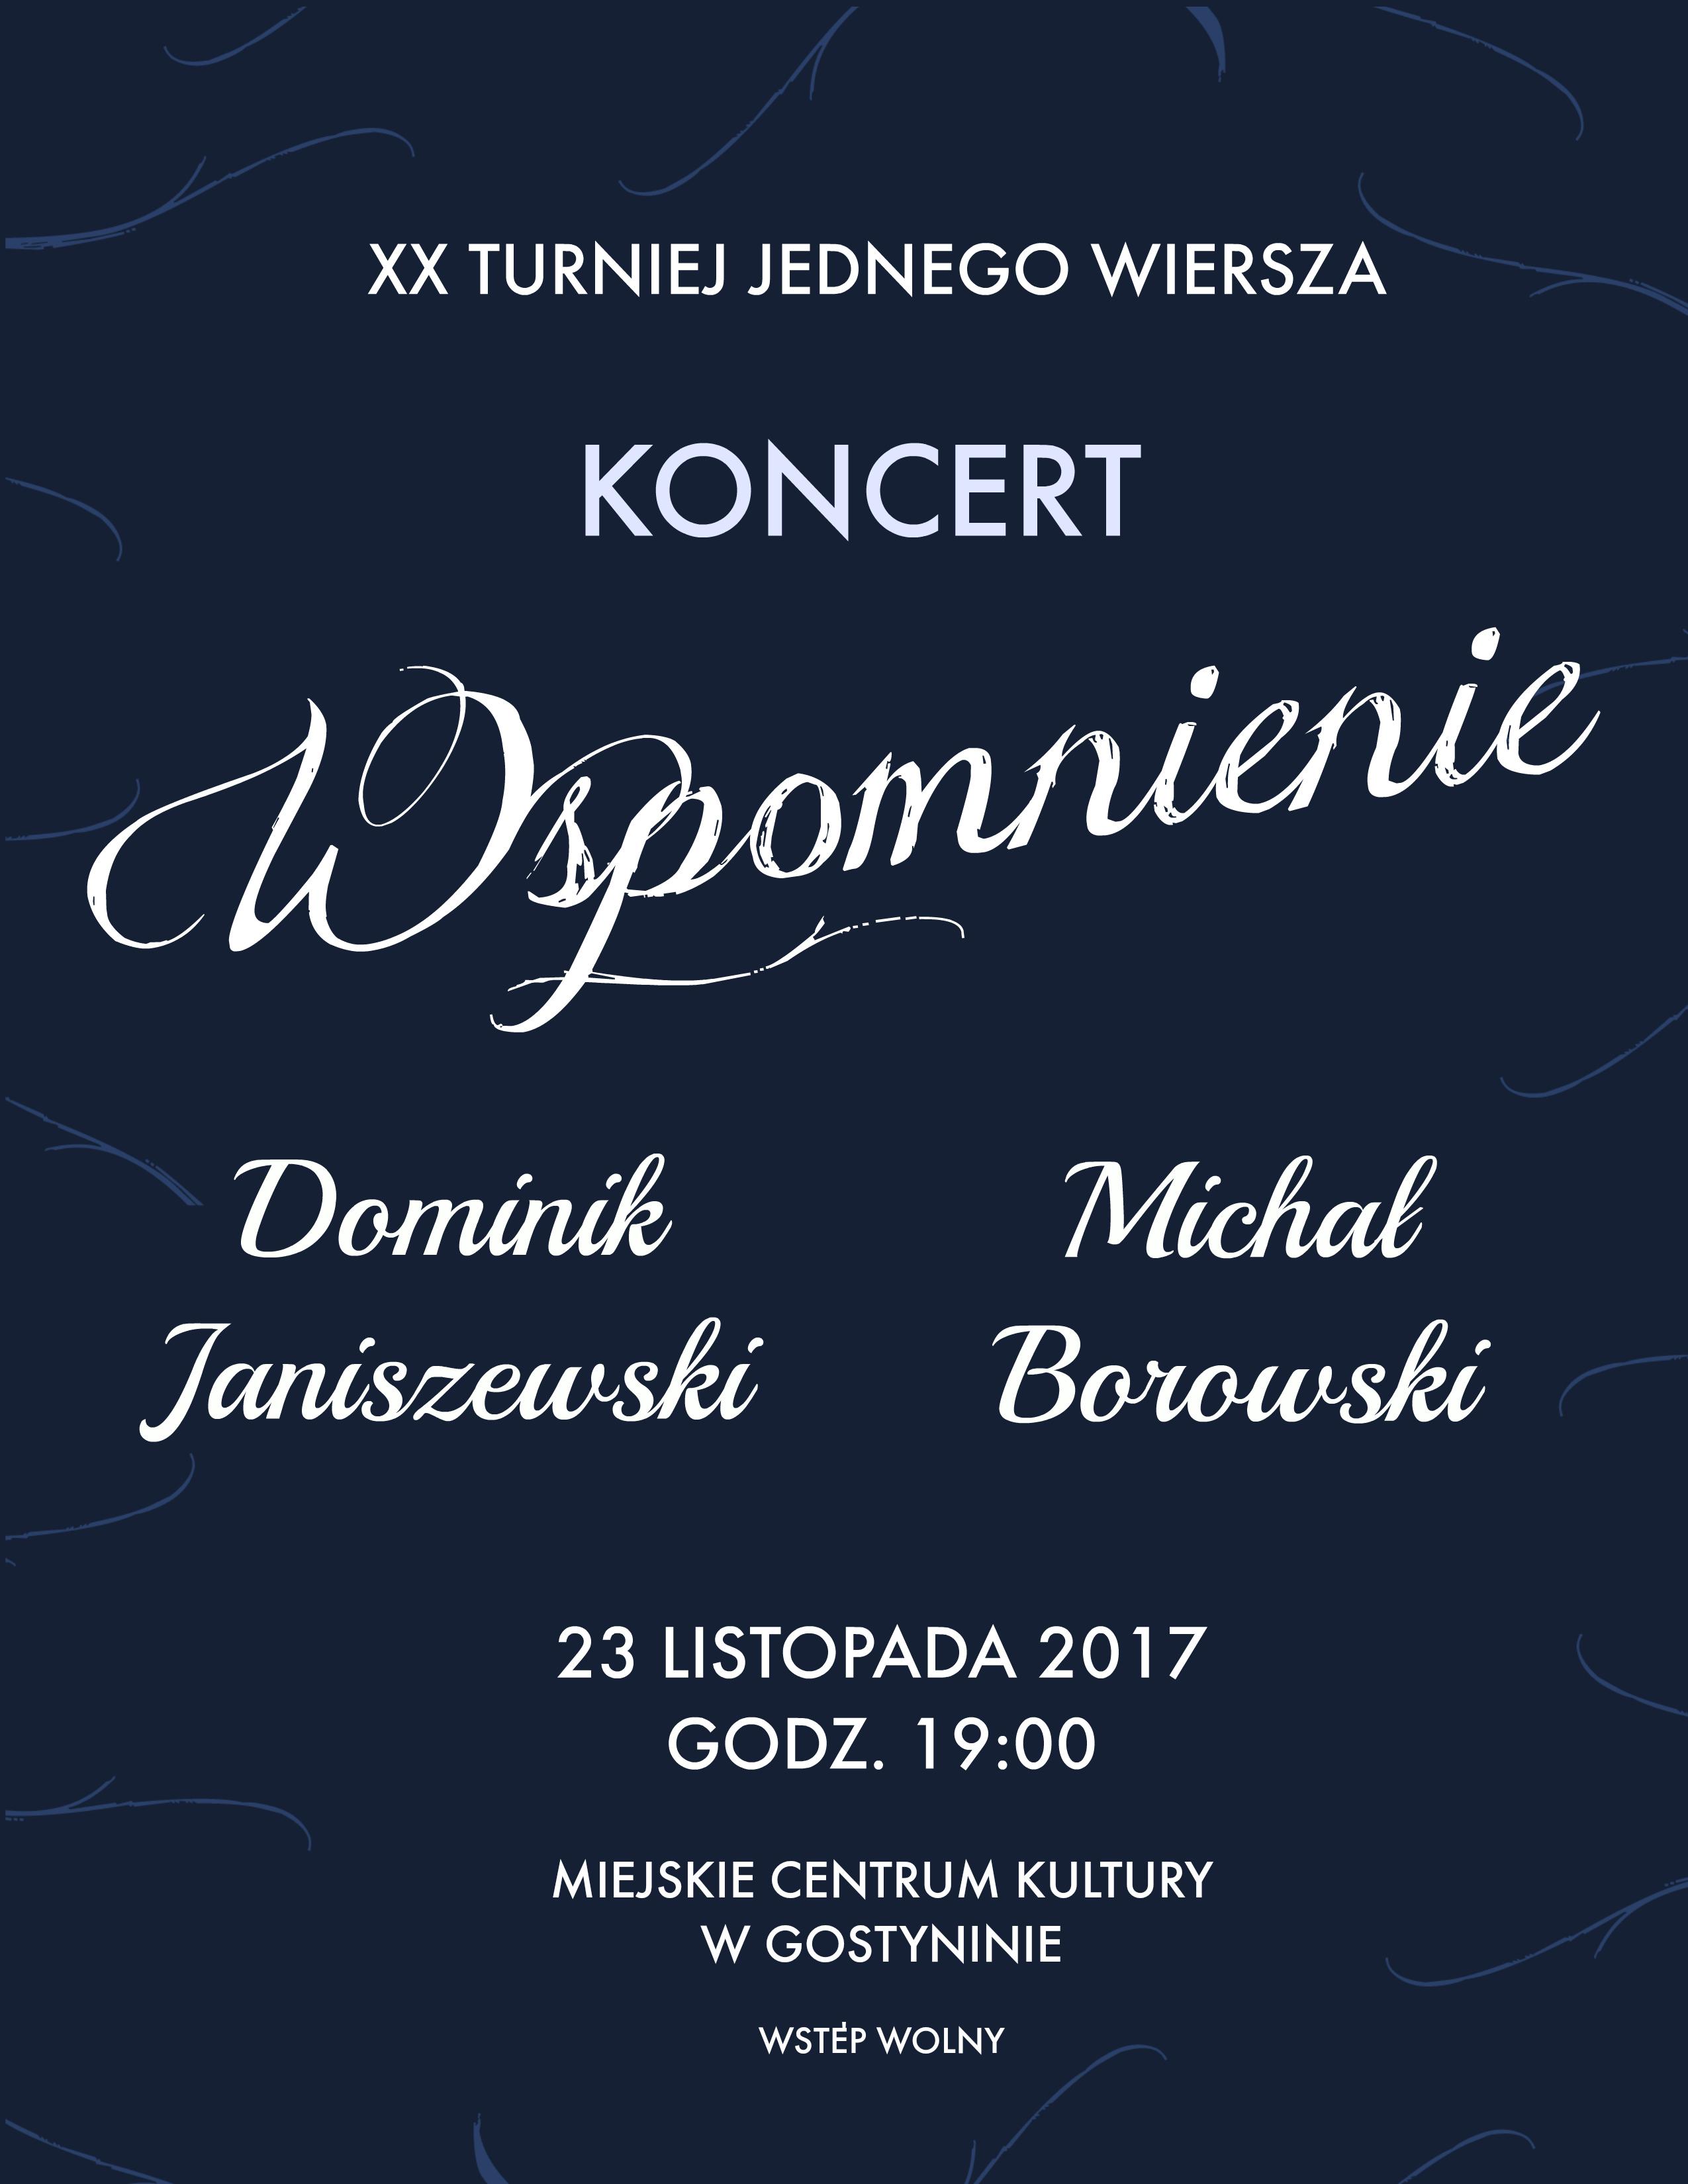 koncert turniej